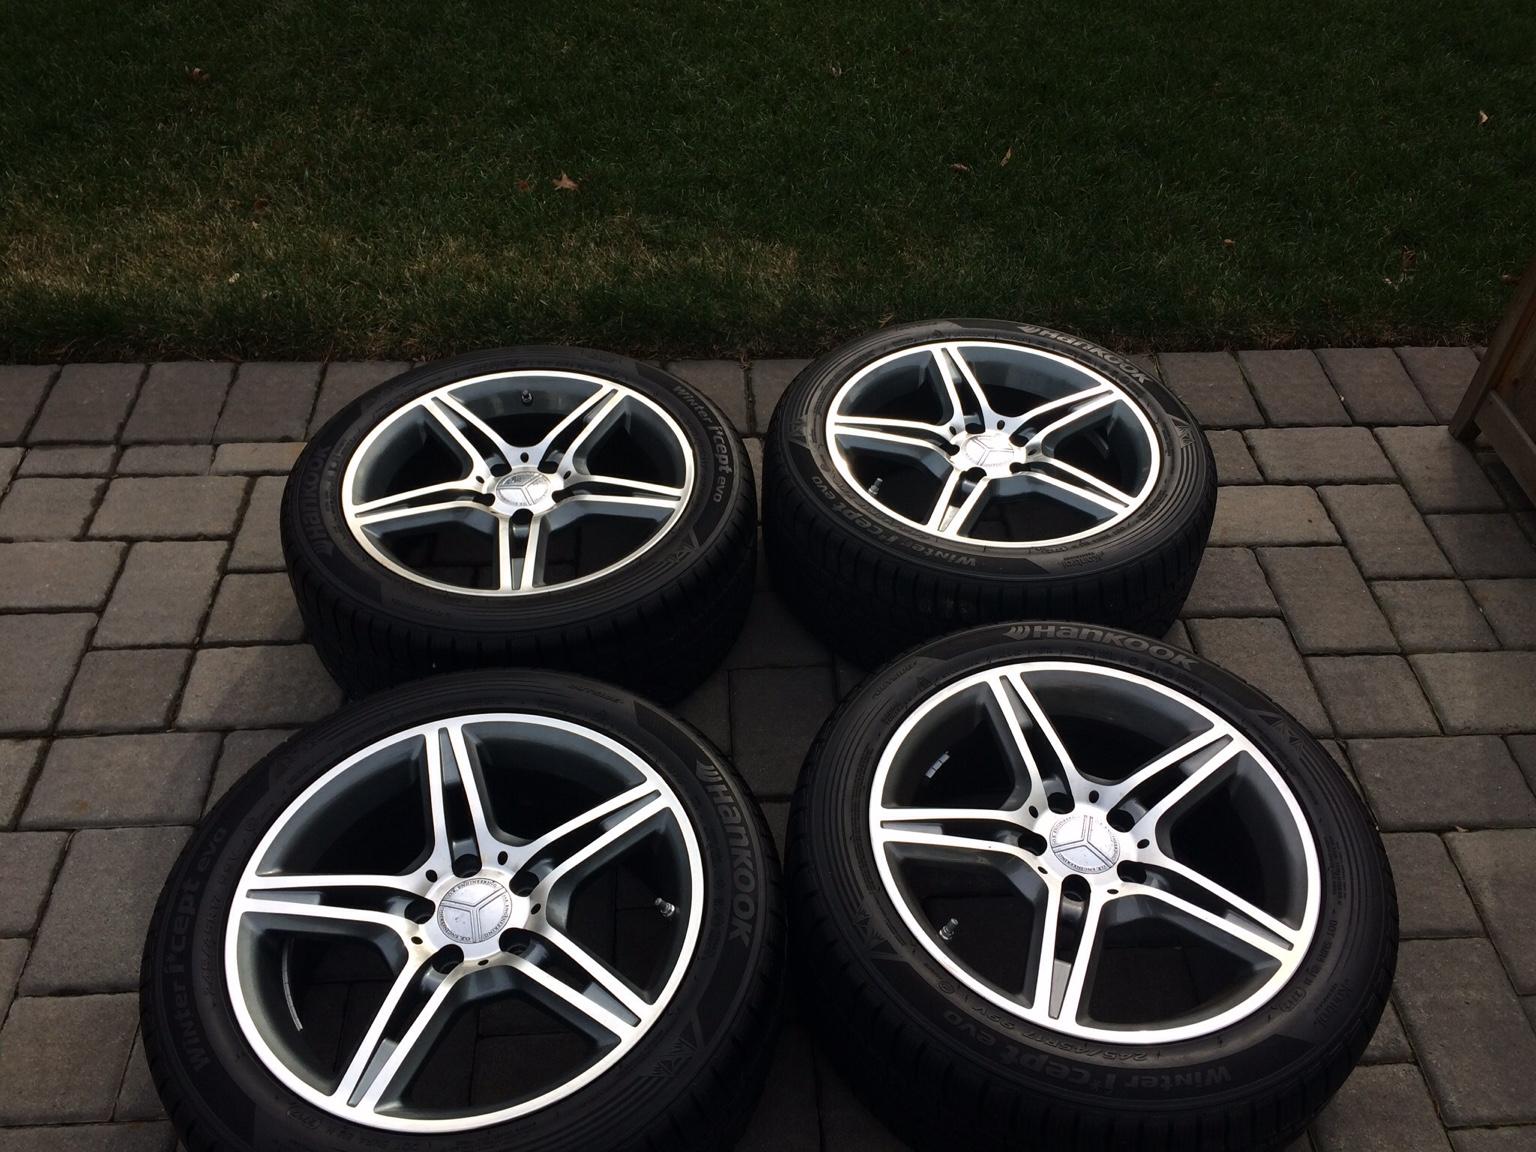 Mercedes benz replica amg wheels for Mercedes benz replica rims